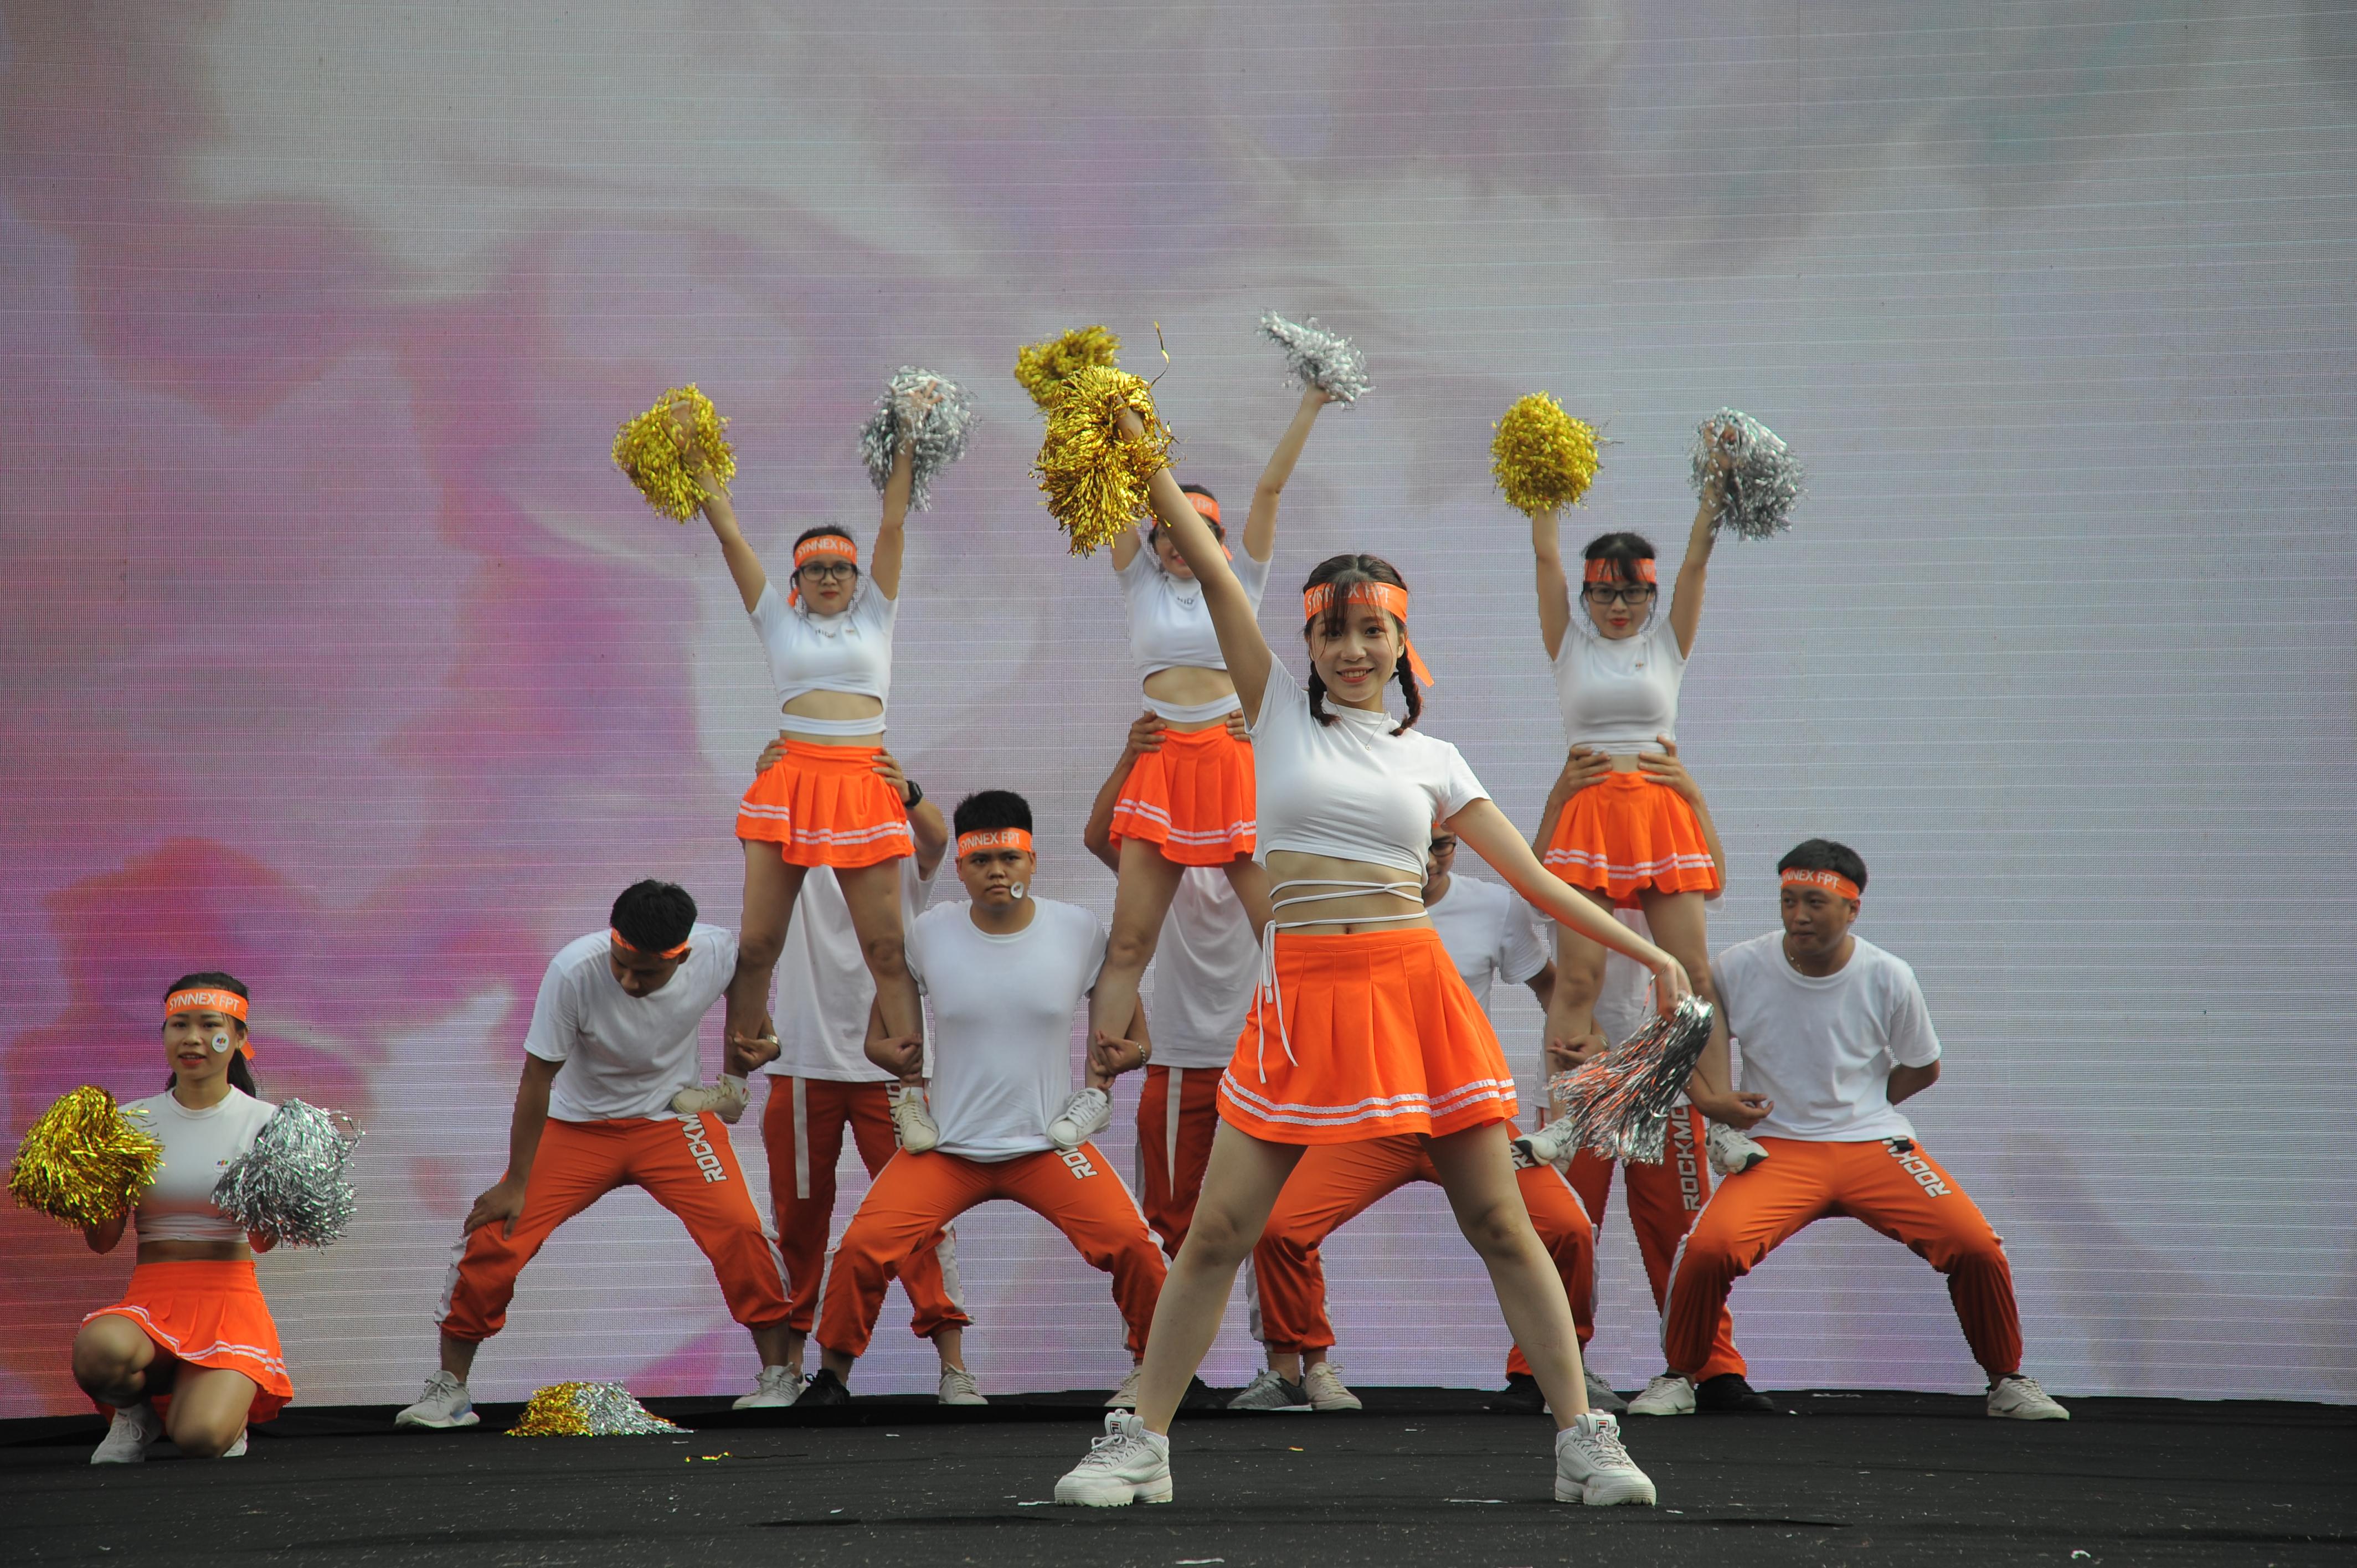 Nhà Phân phối với trang phục trắng cam toát lên sự trẻ trung, nhiều năng lượng. Ca khúc biểu diễn của đơn vị từng là ca khúc chủ đề của World Cup 2014. Các động tác được thực hiện đồng đều, nhịp nhàng.